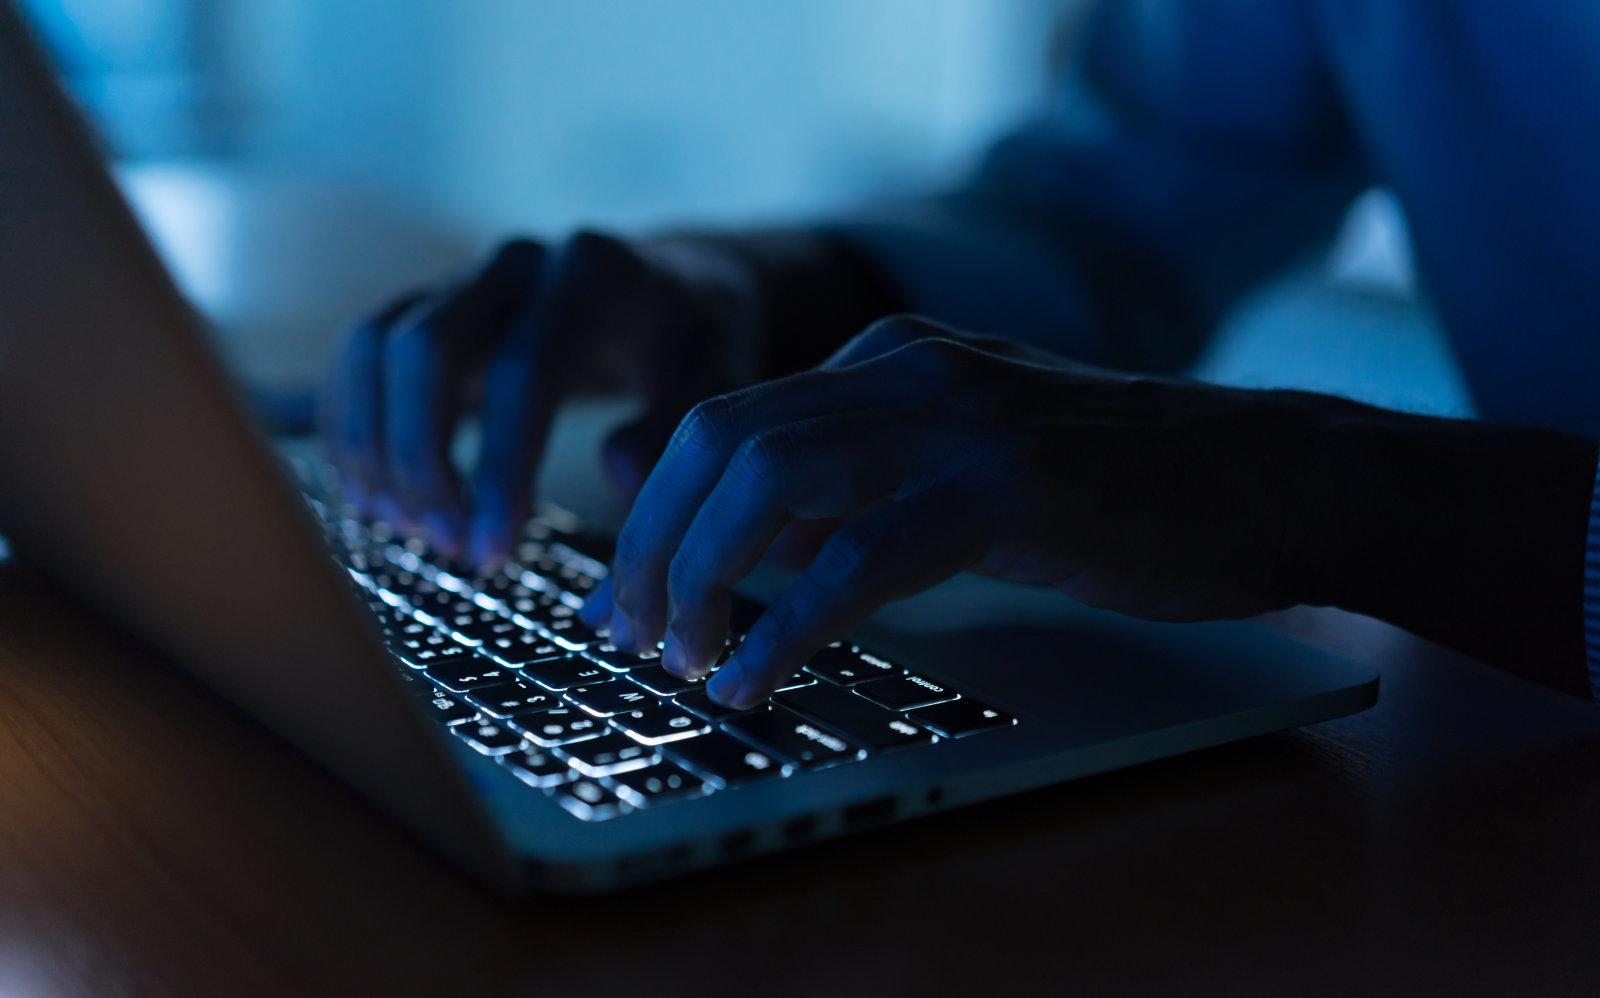 Hacker errusiarra 5 Milioi dolarreko sariarekin nahi zenuen